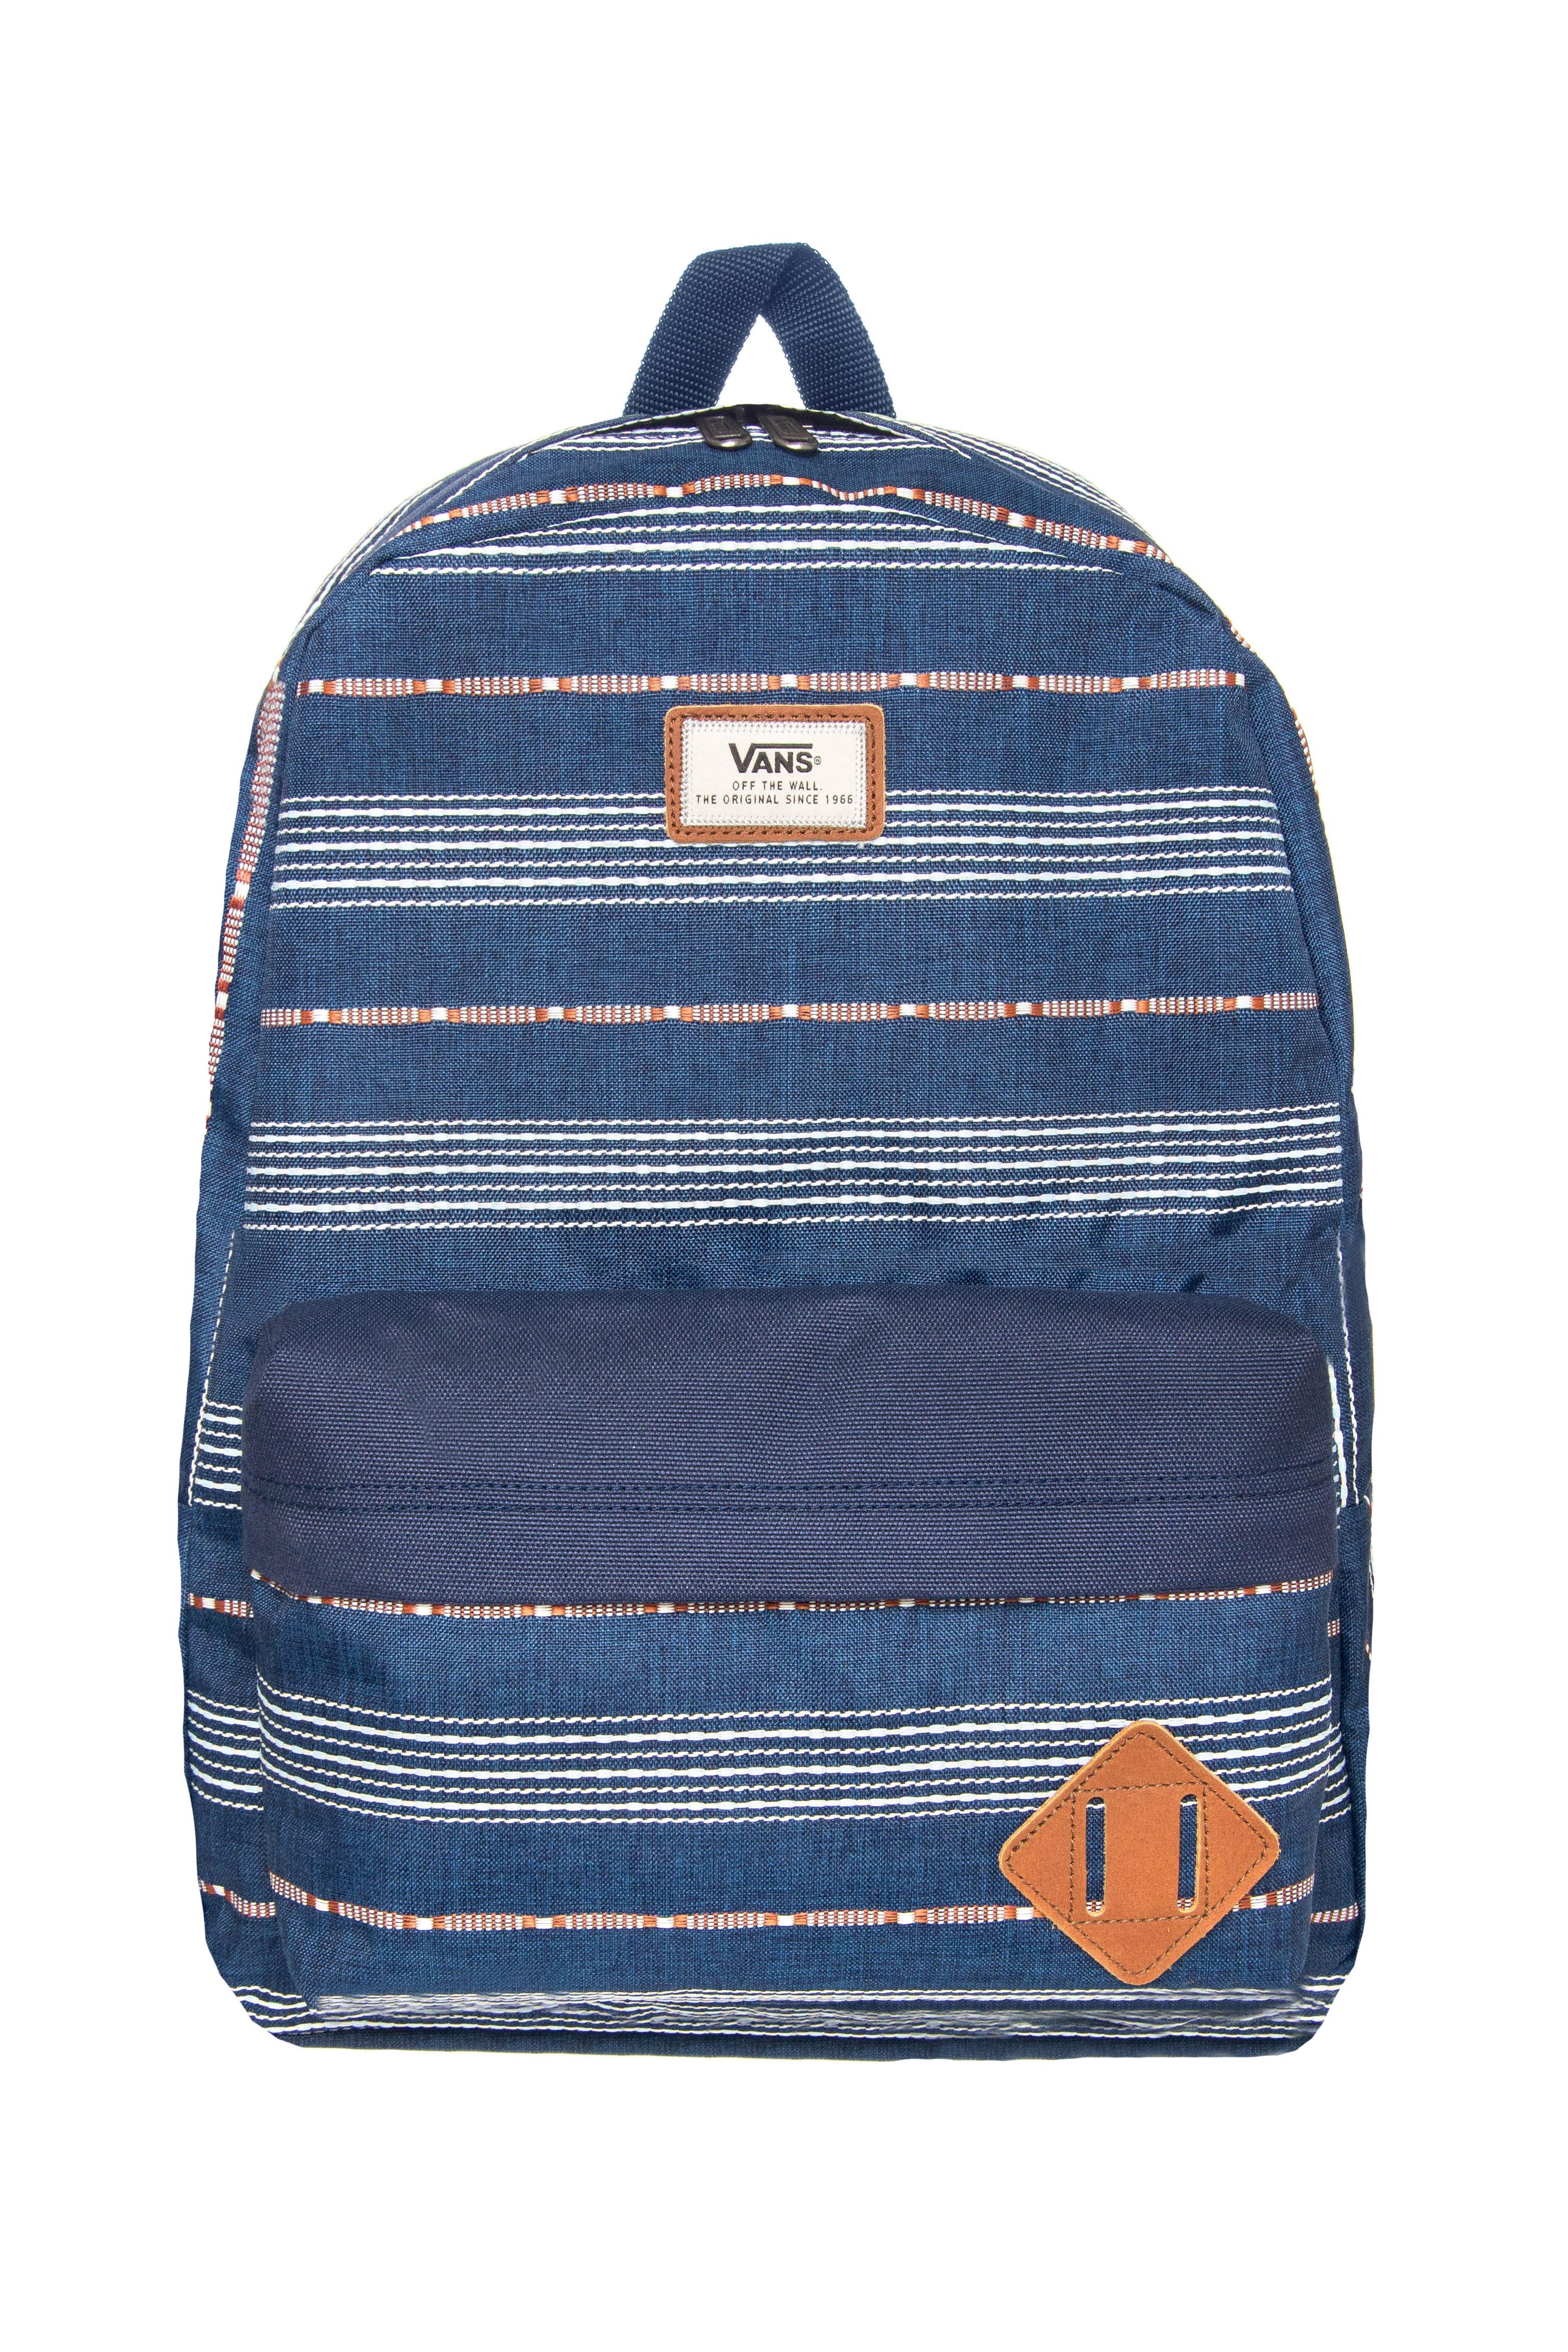 Vans Men's Old Skool II Backpack - Blue